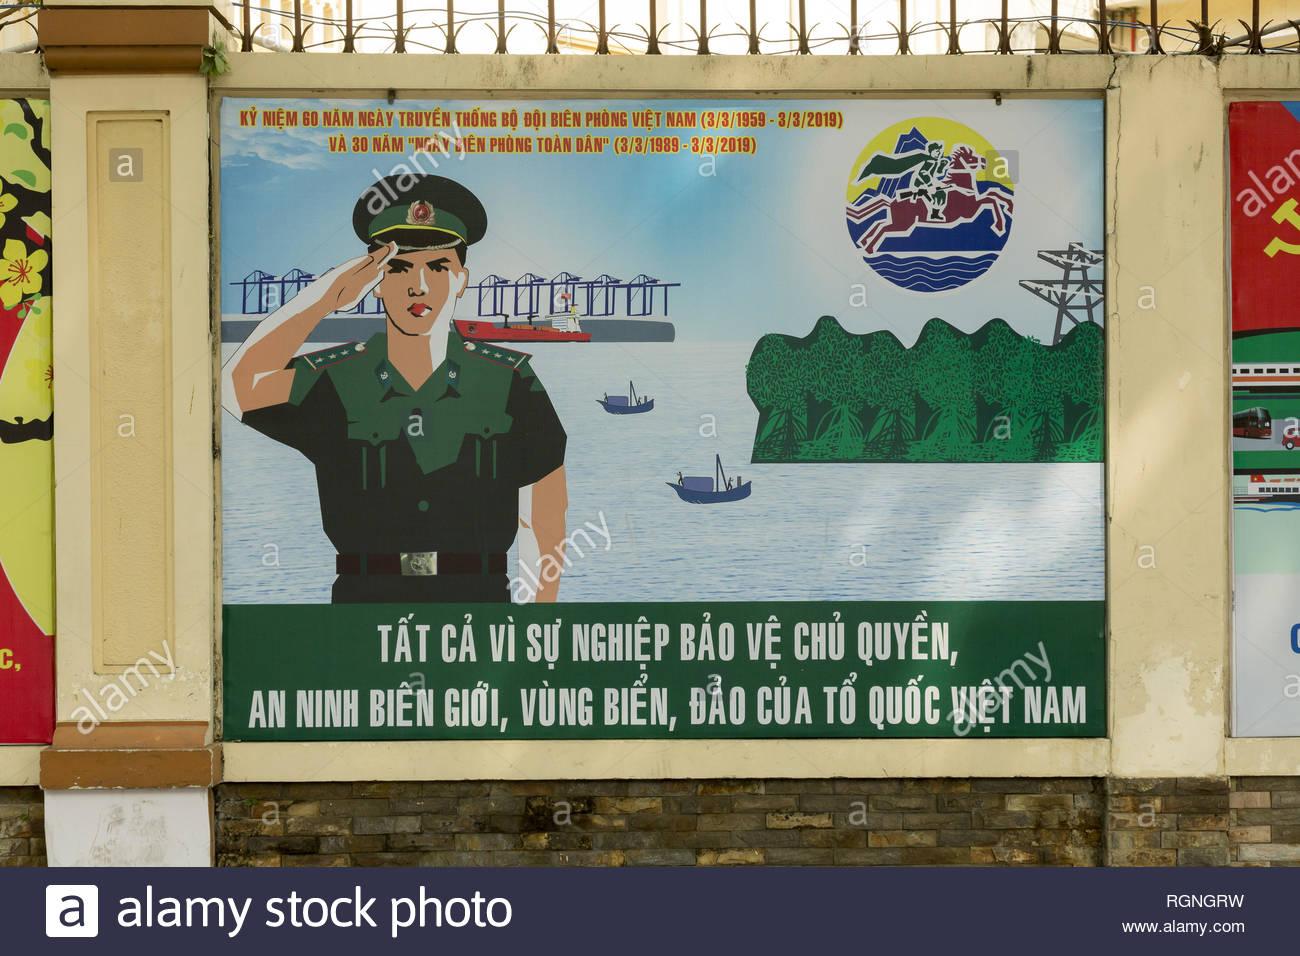 Propganda bilboards in Ho Chi Minh, Vietnam - Stock Image